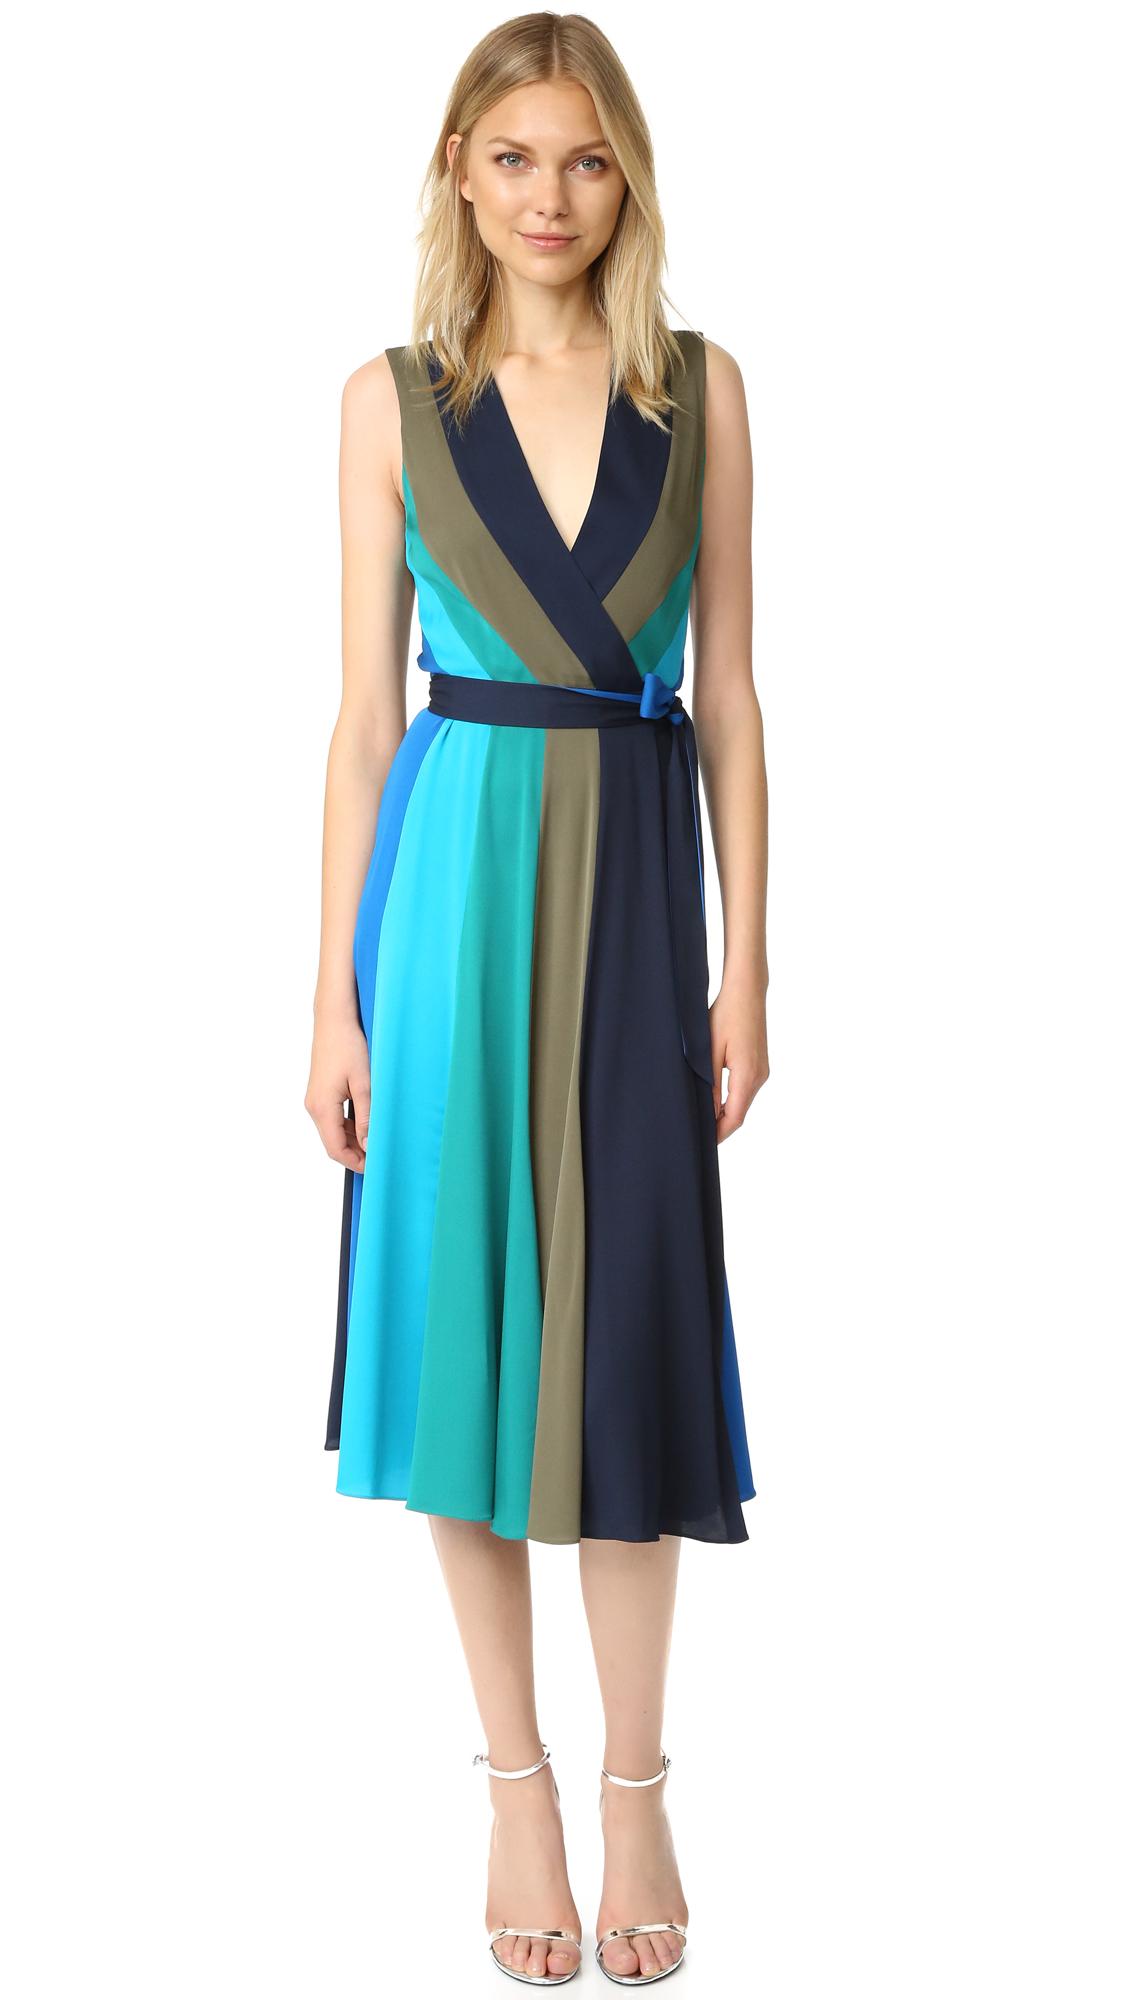 diane von furstenberg female diane von furstenberg penelope dress colorblock neptune blue